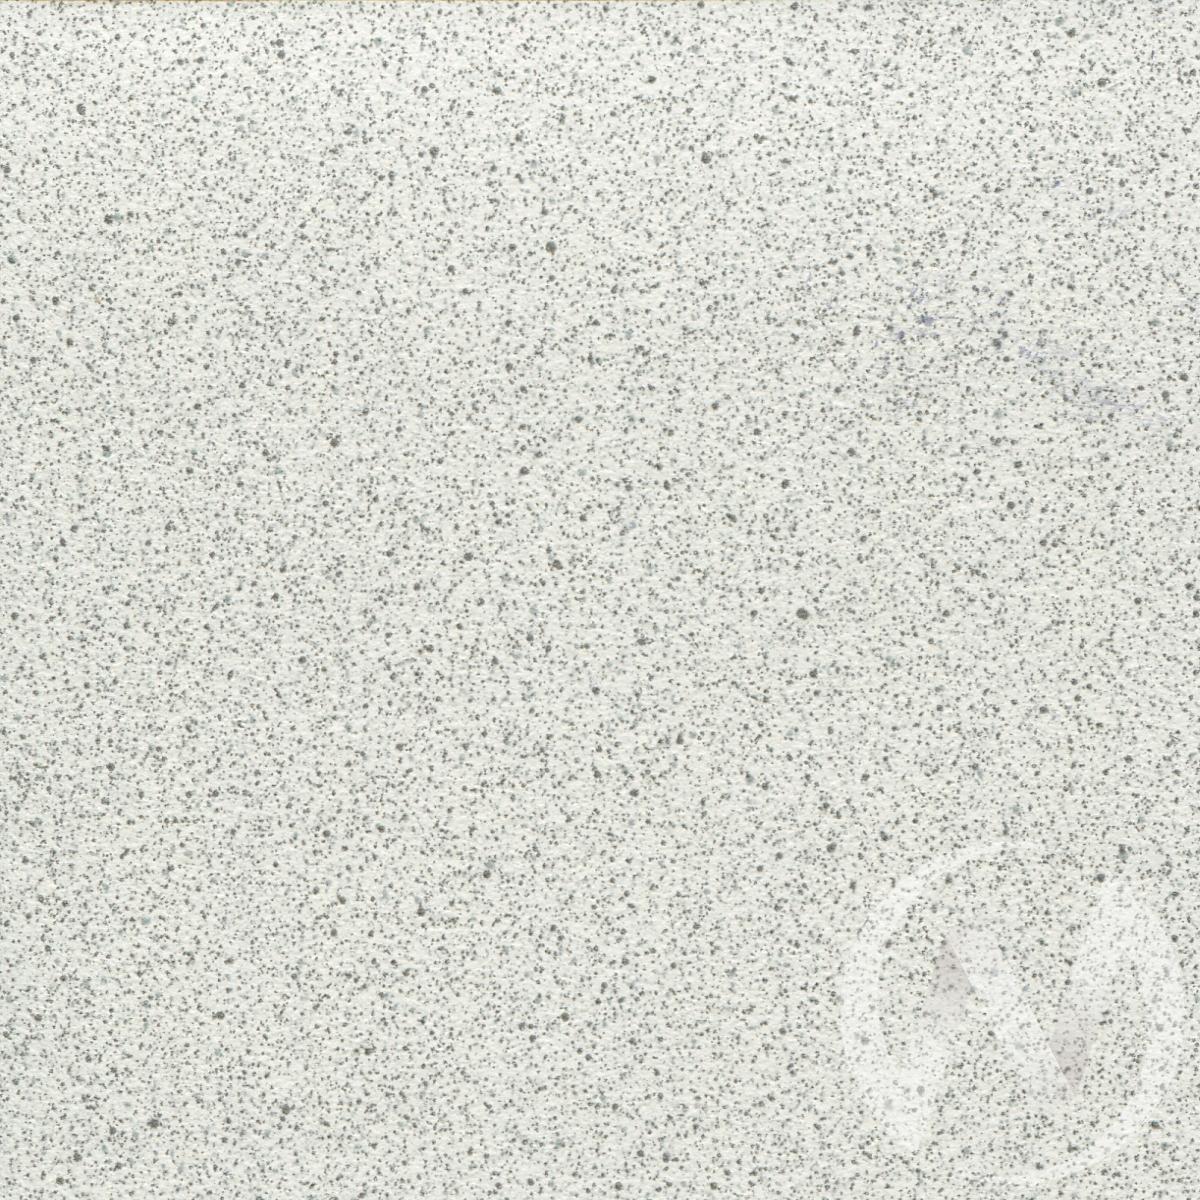 СТ-ПУ 300 R Столешница 300*600*26 (№130 сахара белая) СКИФ  в Томске — интернет магазин МИРА-мебель